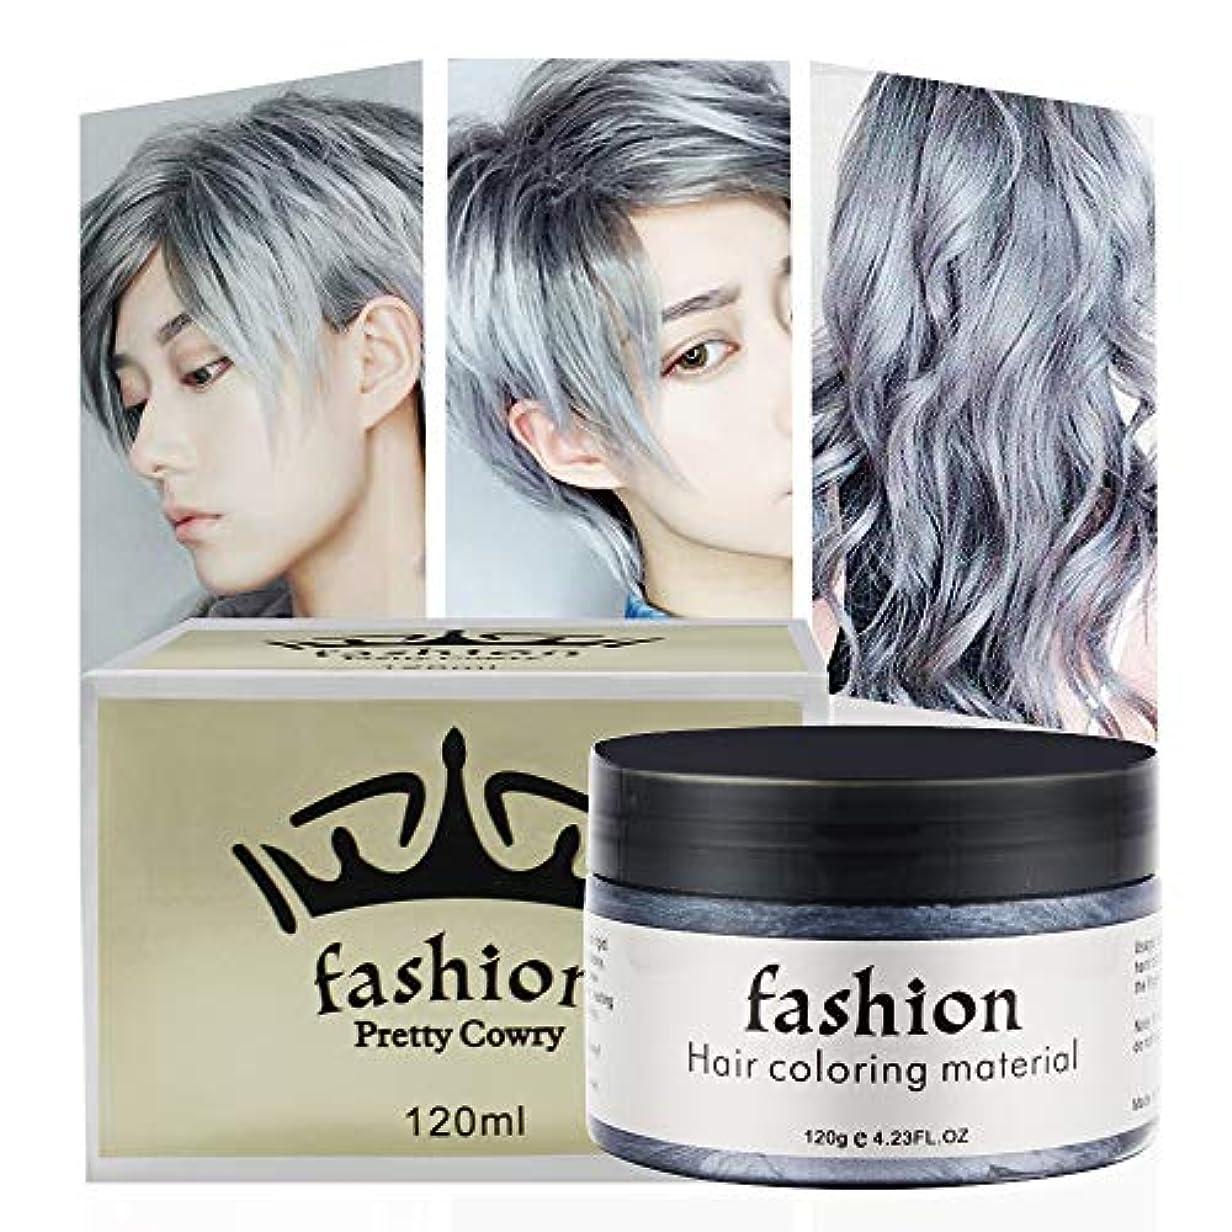 無効にするフェンス振り向くヘアワックス WAWJ おしゃれ染め 染毛剤 整髪料 ヘアカラー用品 メンズ 大容量 120g